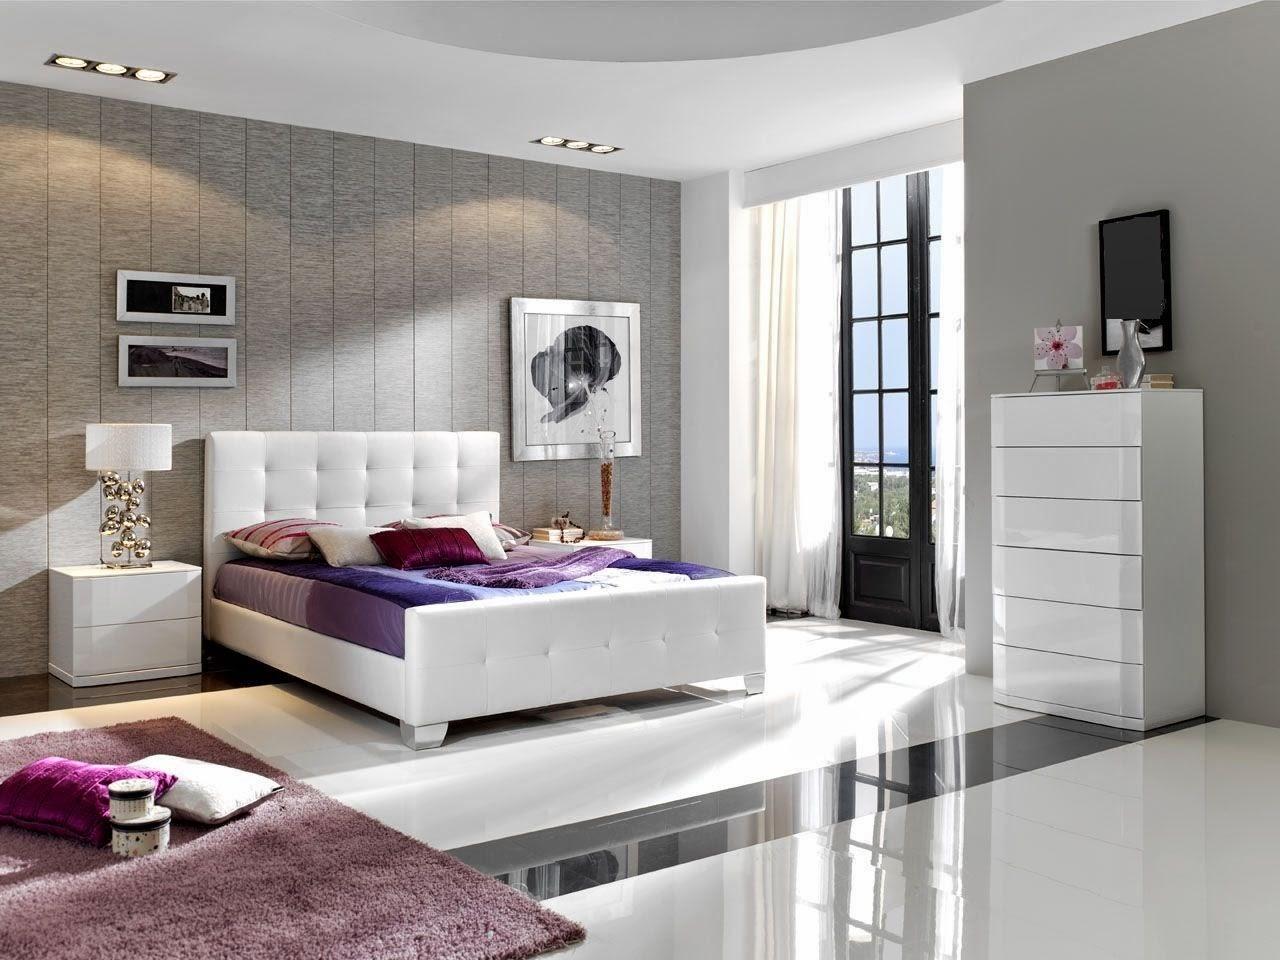 كيفية ترتيب غرفة النوم للمتزوجين , اشكال مختلفه لغرف النوم ...